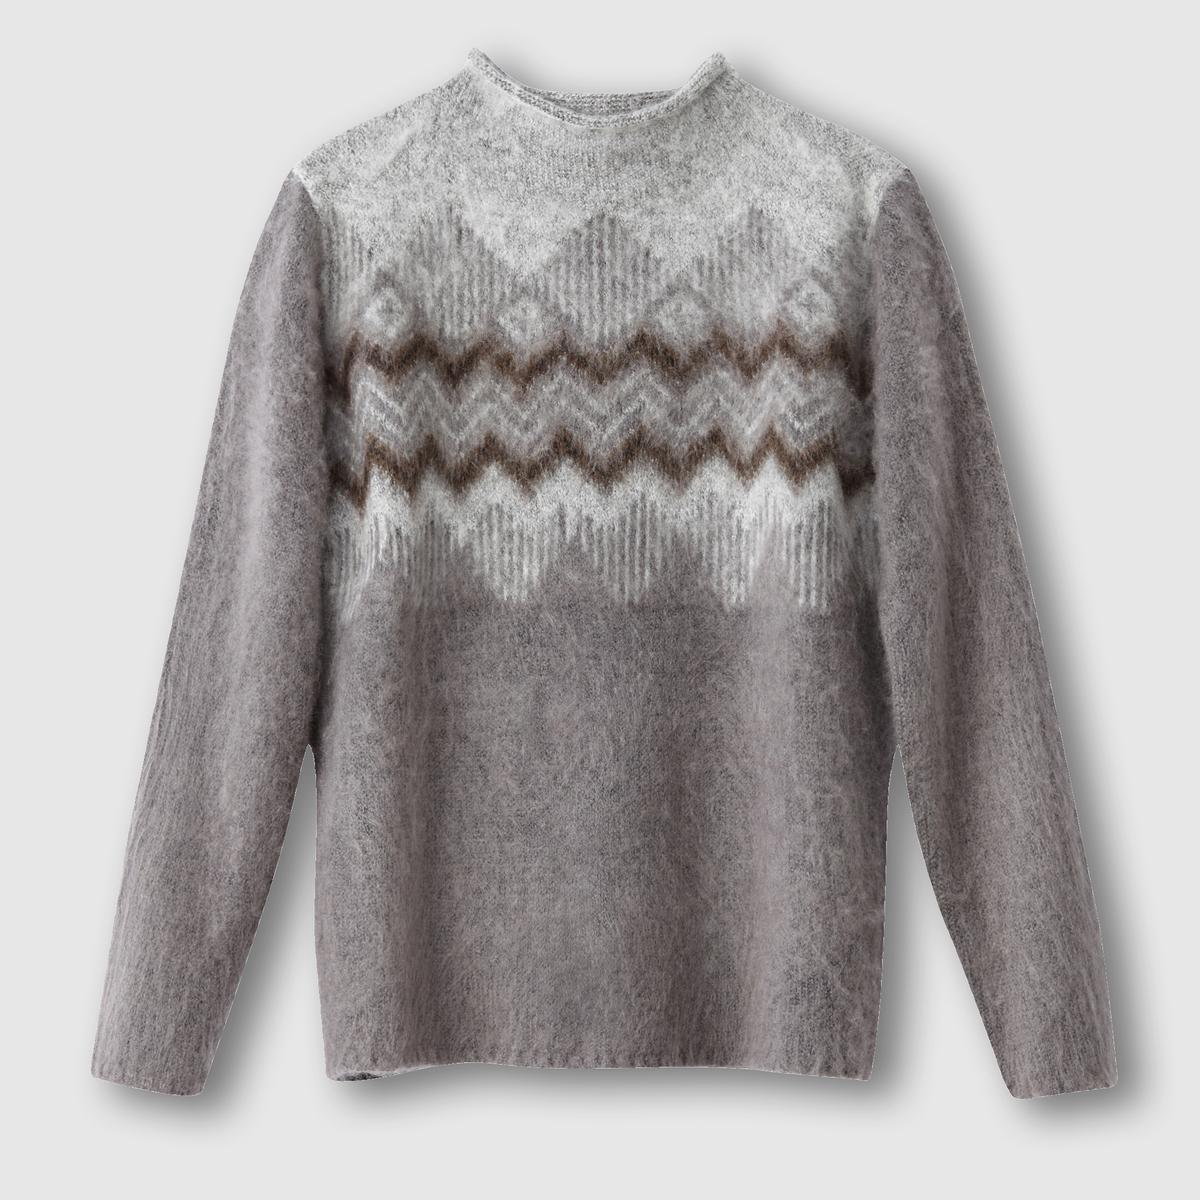 Пуловер с отворачивающимся воротником OTINE SWEATERСостав и описание :Материал : 58% акрила, 32% полиэстера, 100% шерсти Марка : B.YOUNG<br><br>Цвет: антрацит/меланж